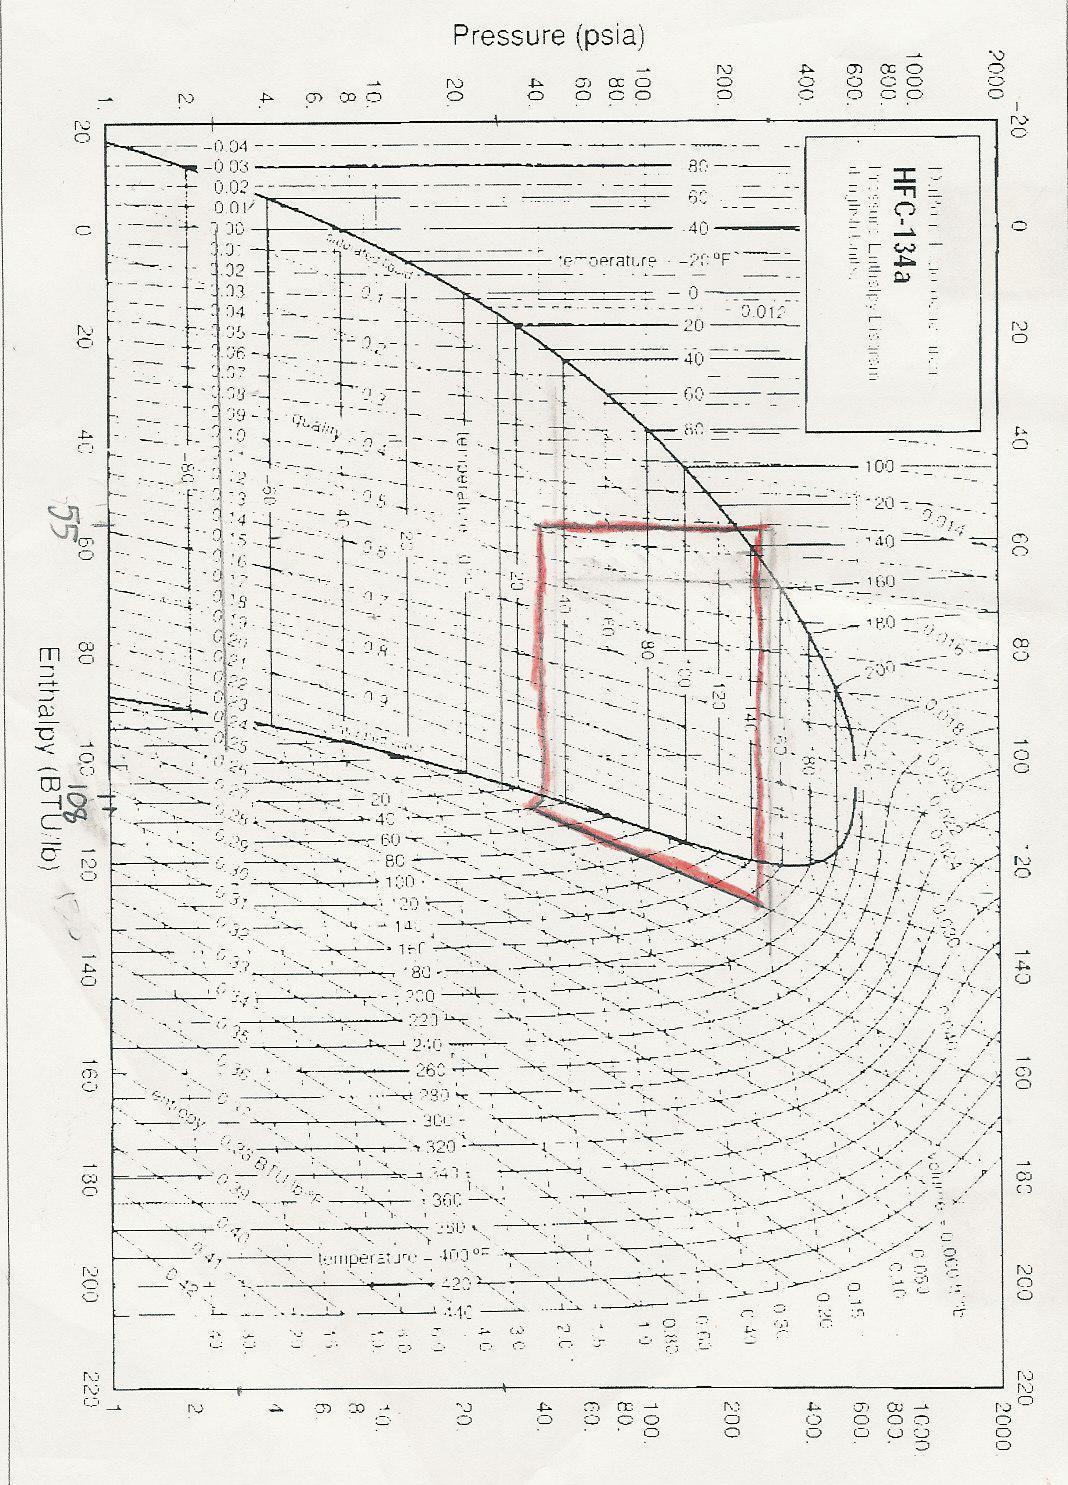 134a Refrigerant Pressure Temperature Chart